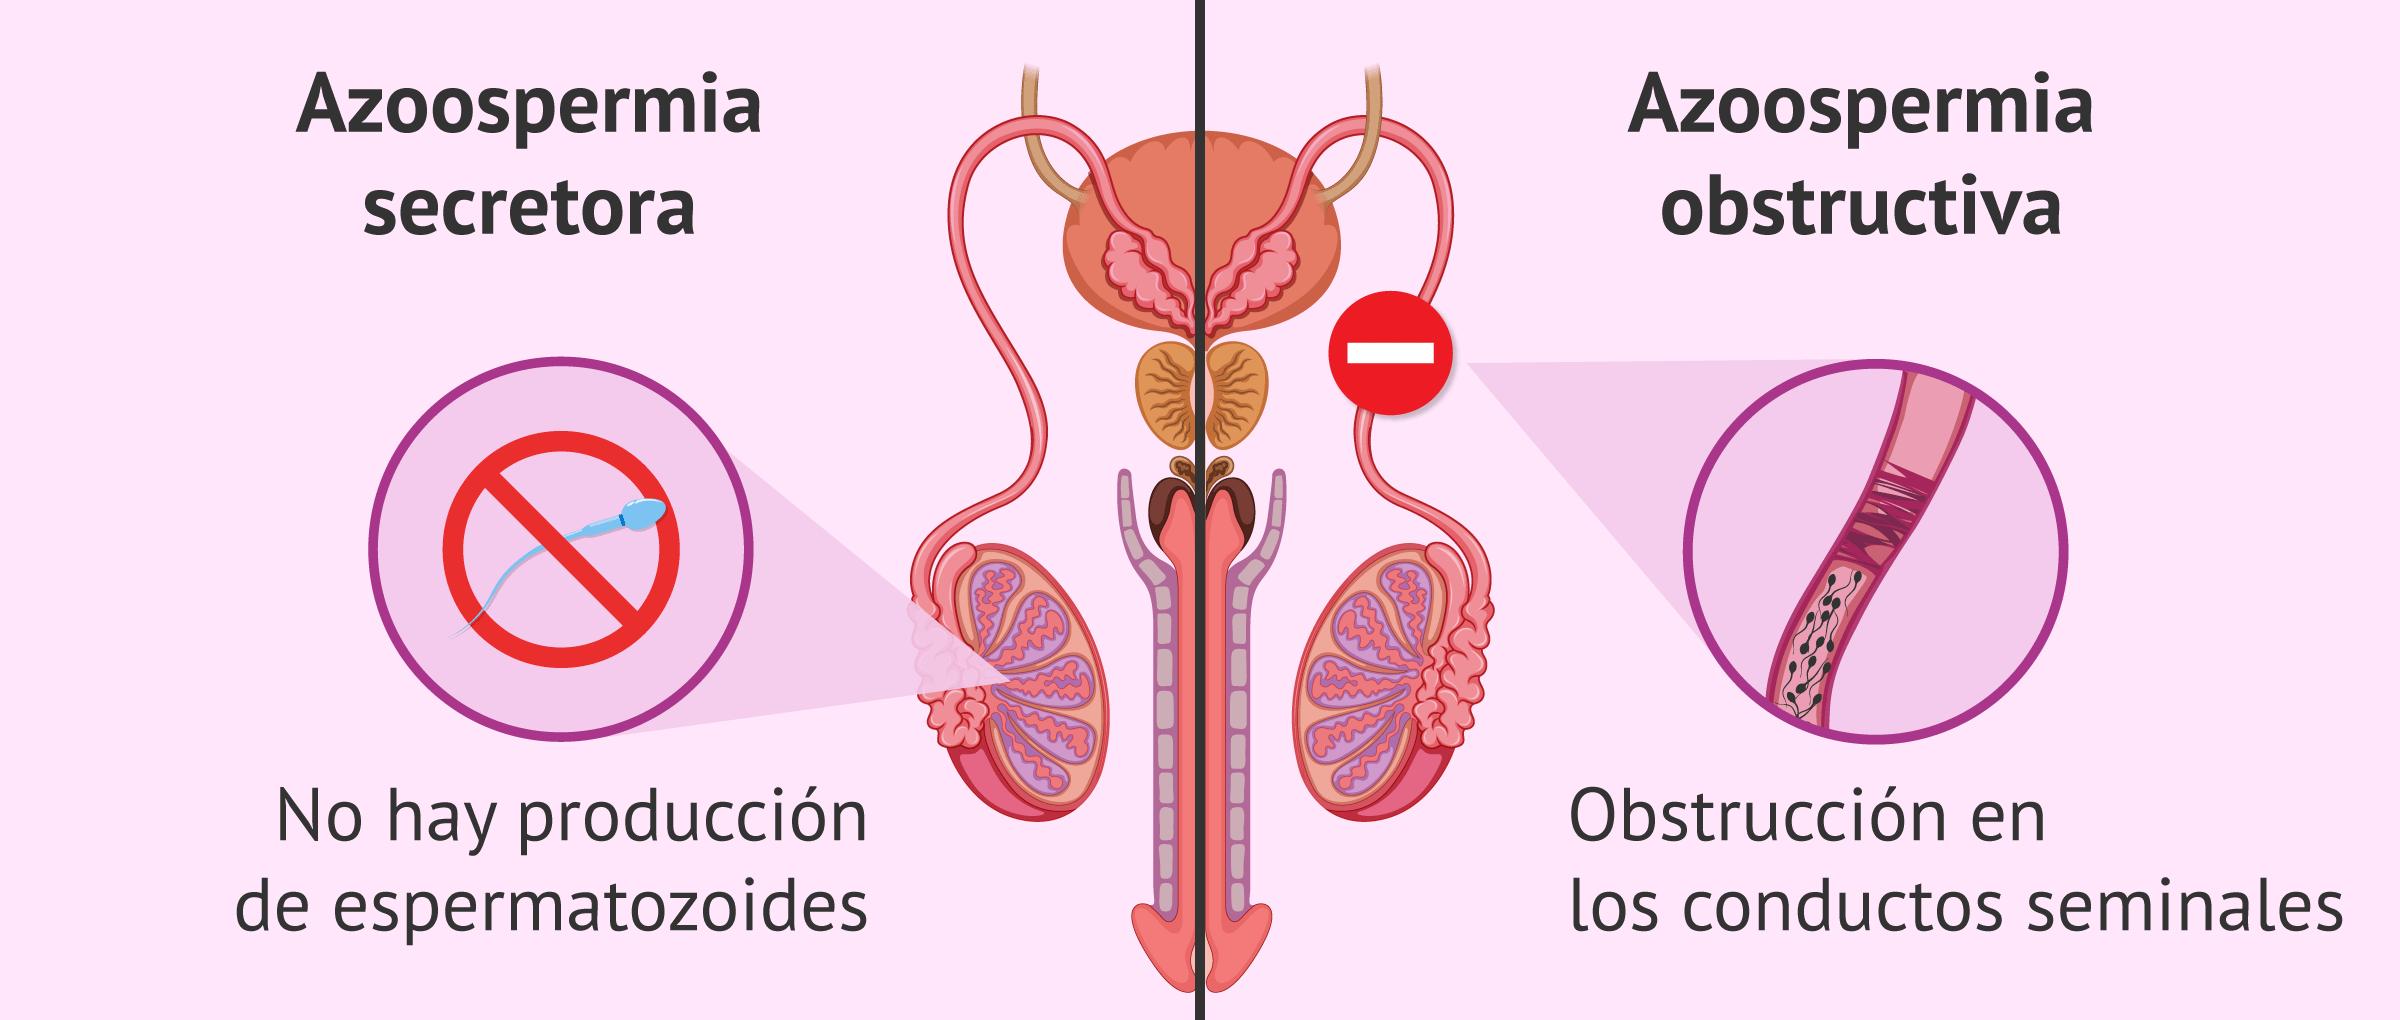 Motivos para realizar una biopsia testicular